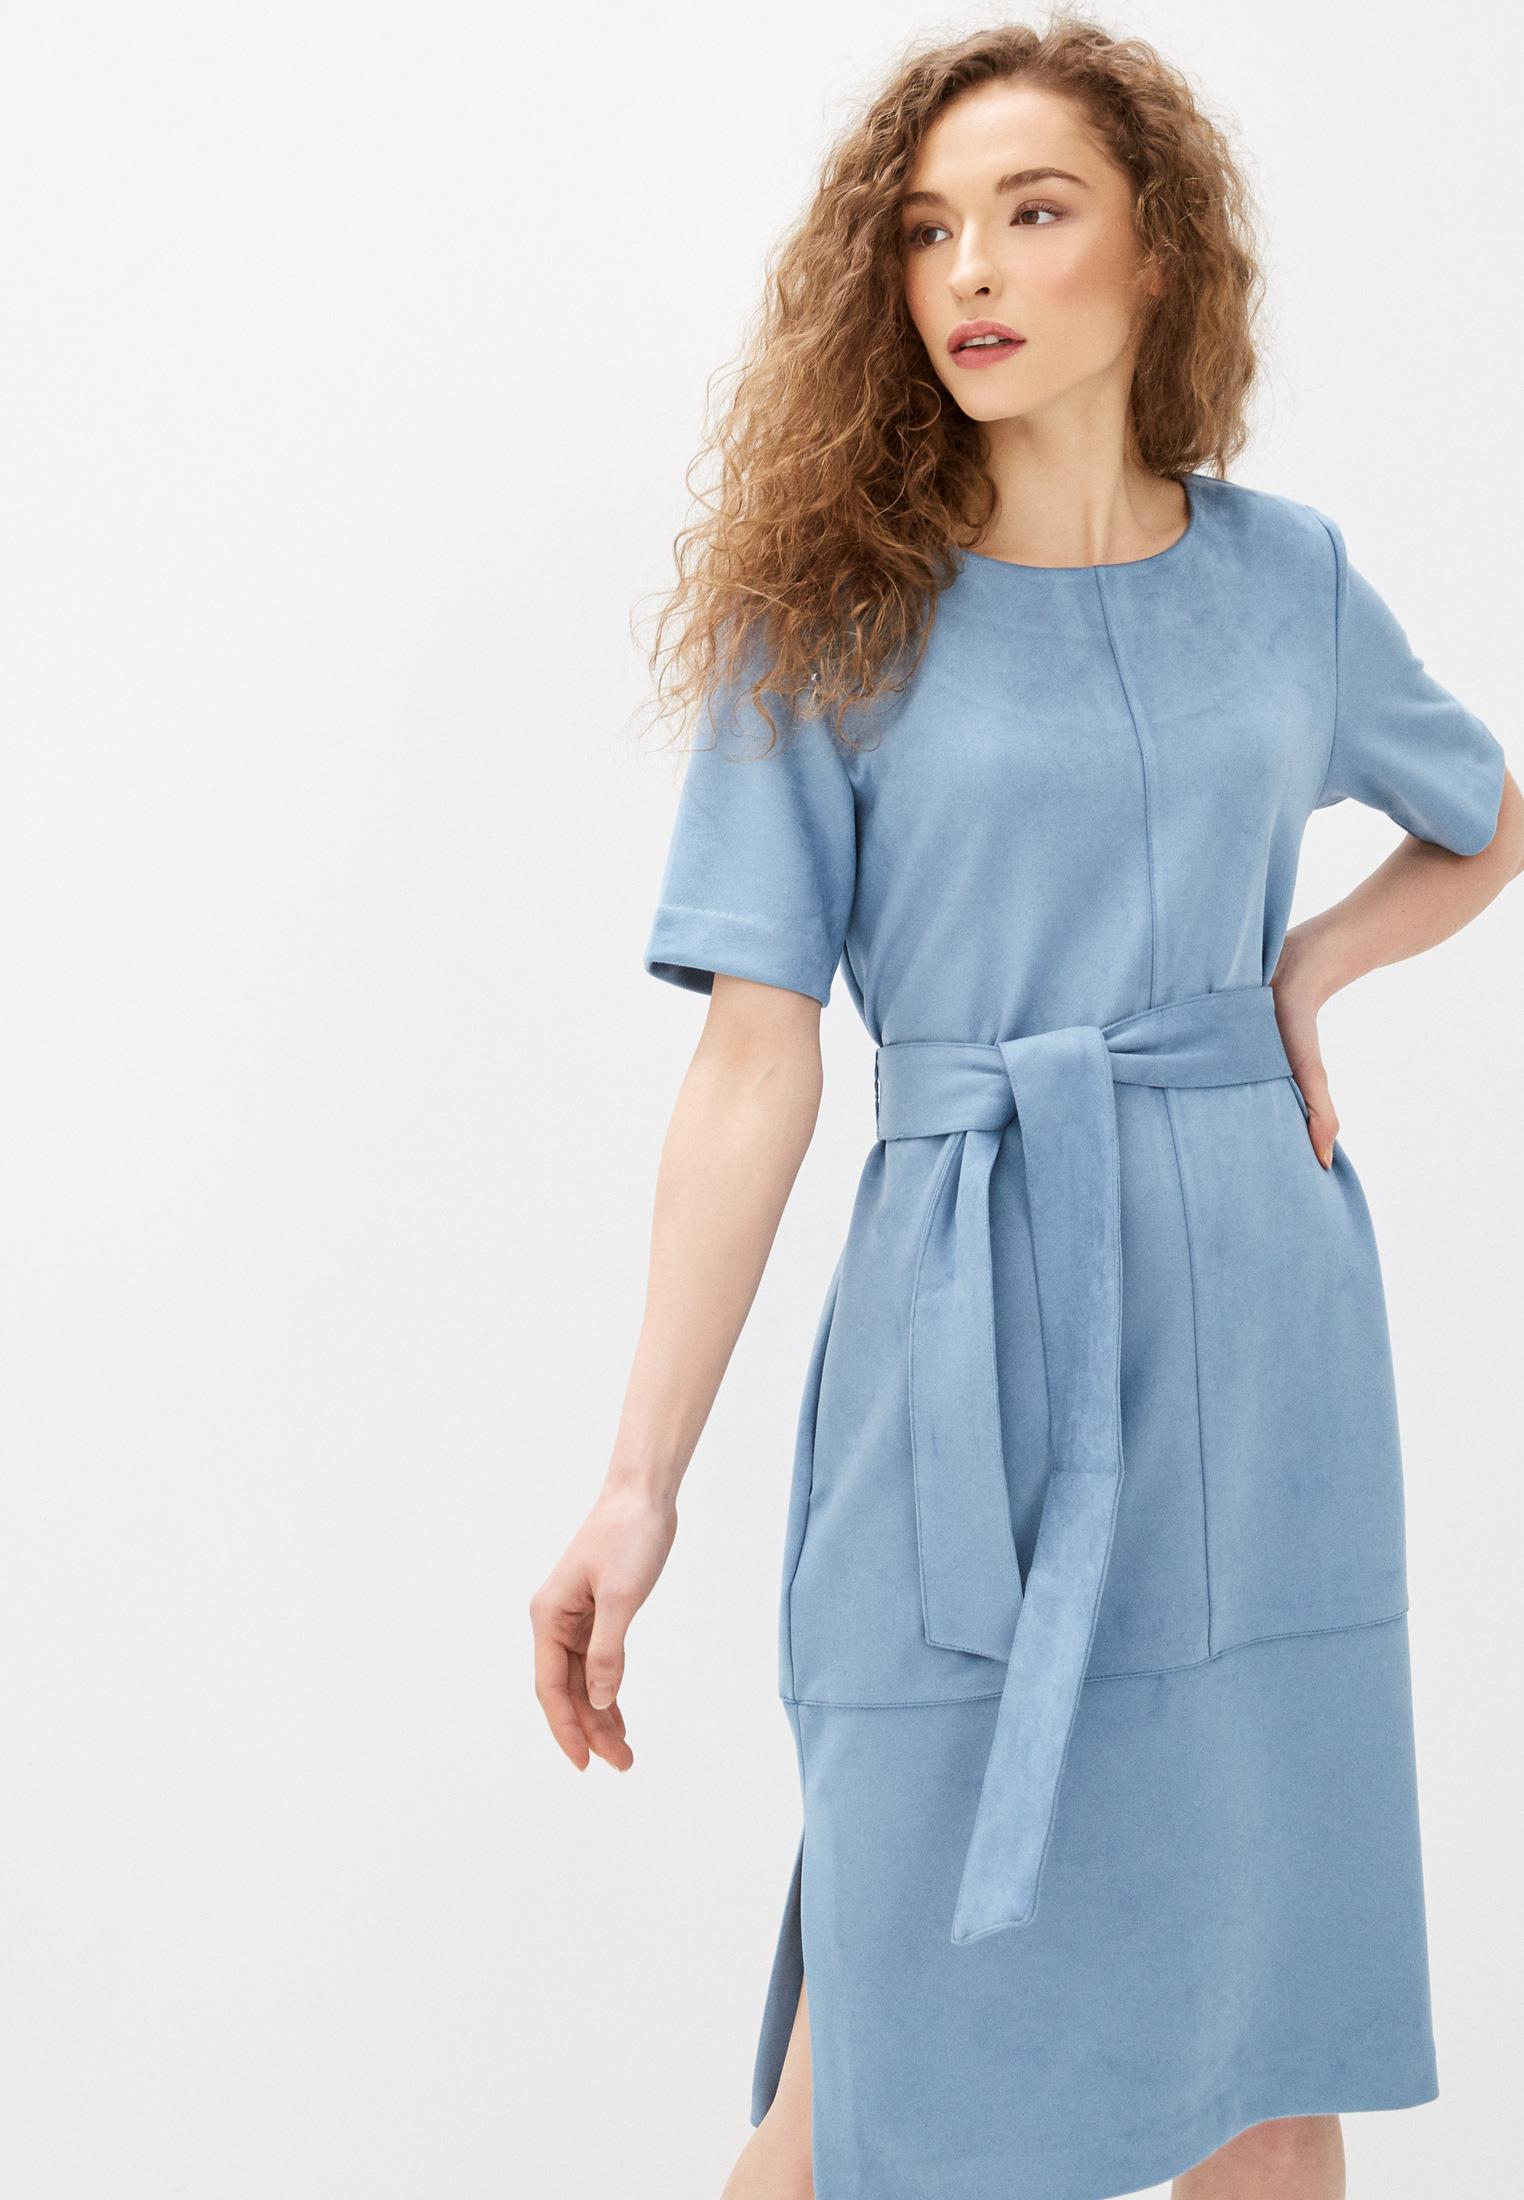 Платье Sela купить за 799 ₽ в интернет-магазине Lamoda.ru